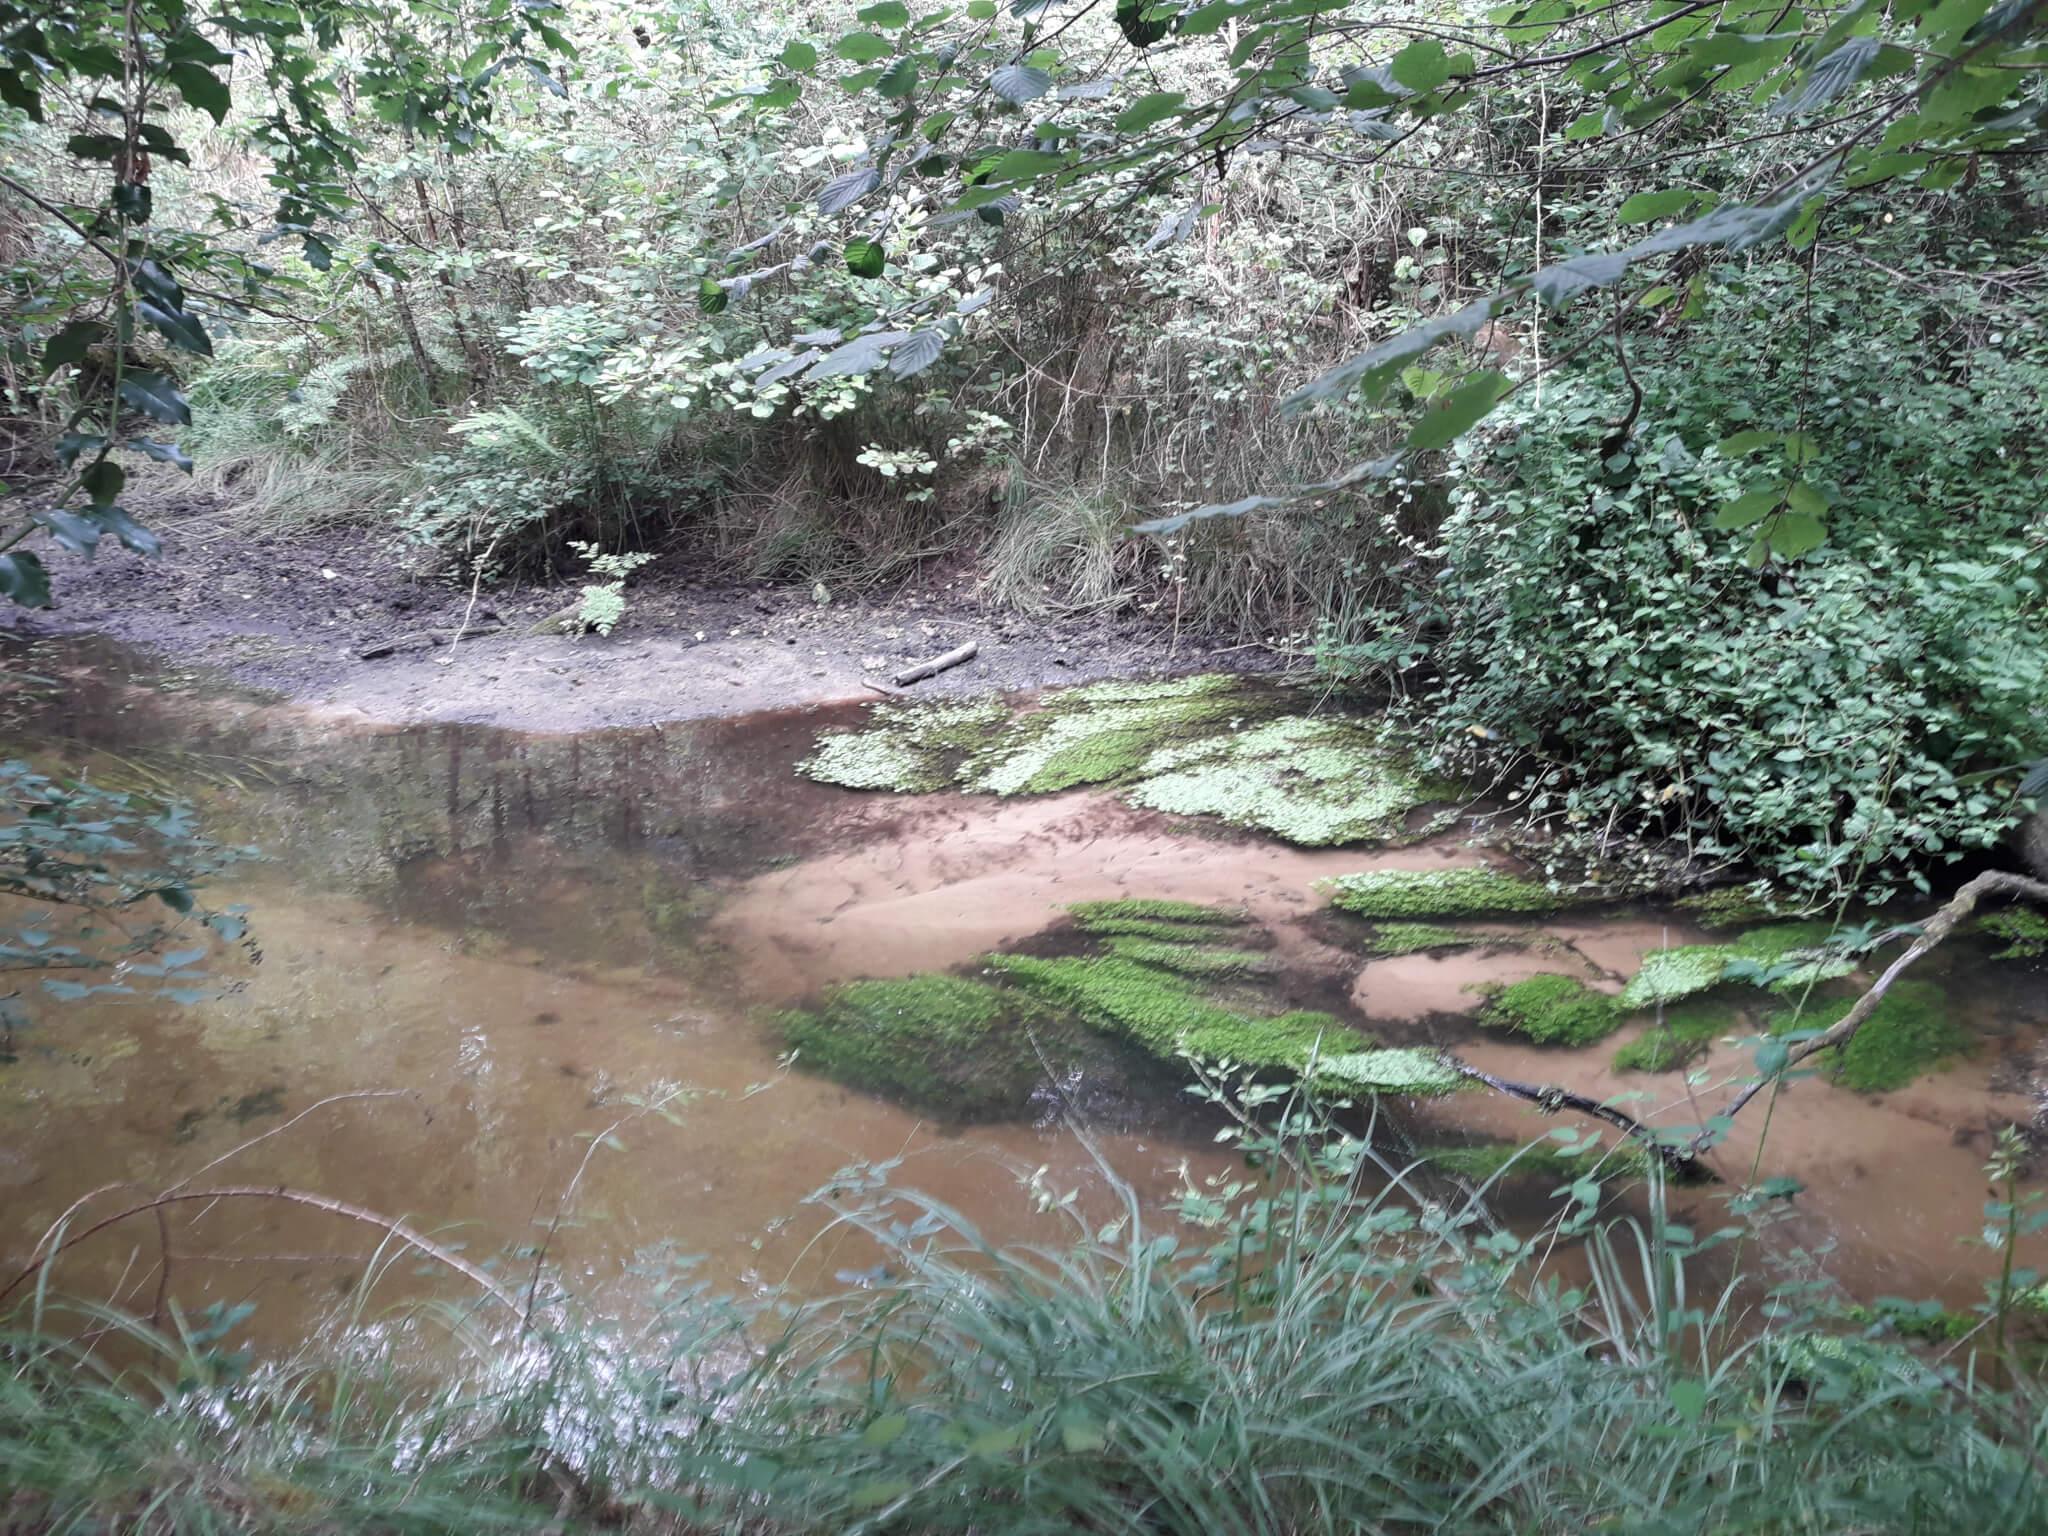 Le ruisseau de la Paillasse en amont de Belin-Beliet